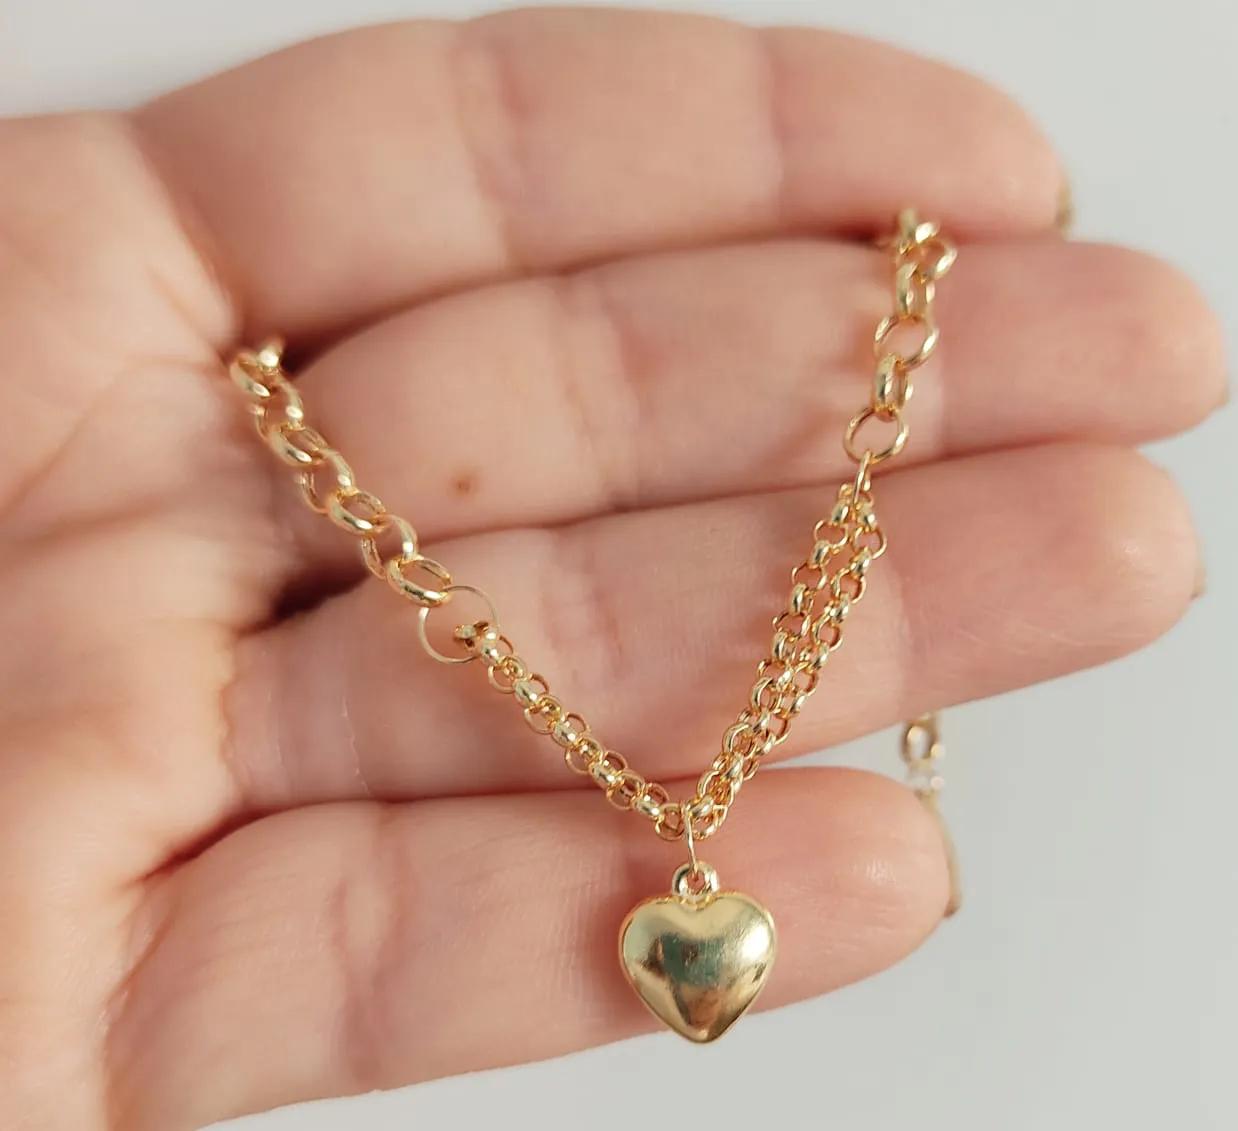 Pulseira Feminina Portuguesa Coração De Ouro 18k